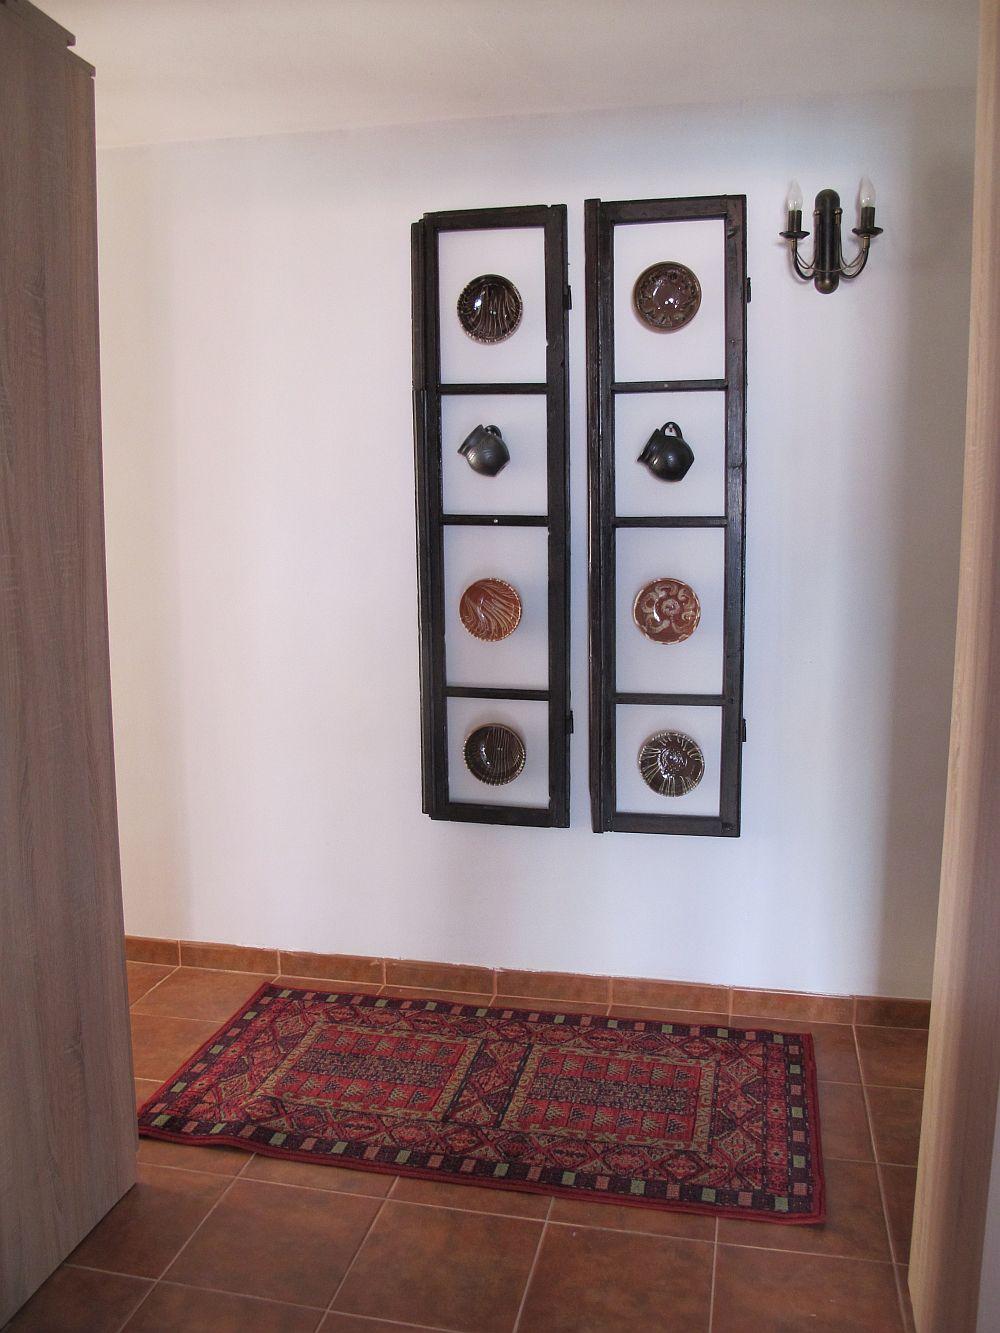 adelaparvu.com despre Casa familiei Ilie, Tufeni, Olt emisiunea Visuri la cheie, ProTV, sezon 1, 2014 (40)